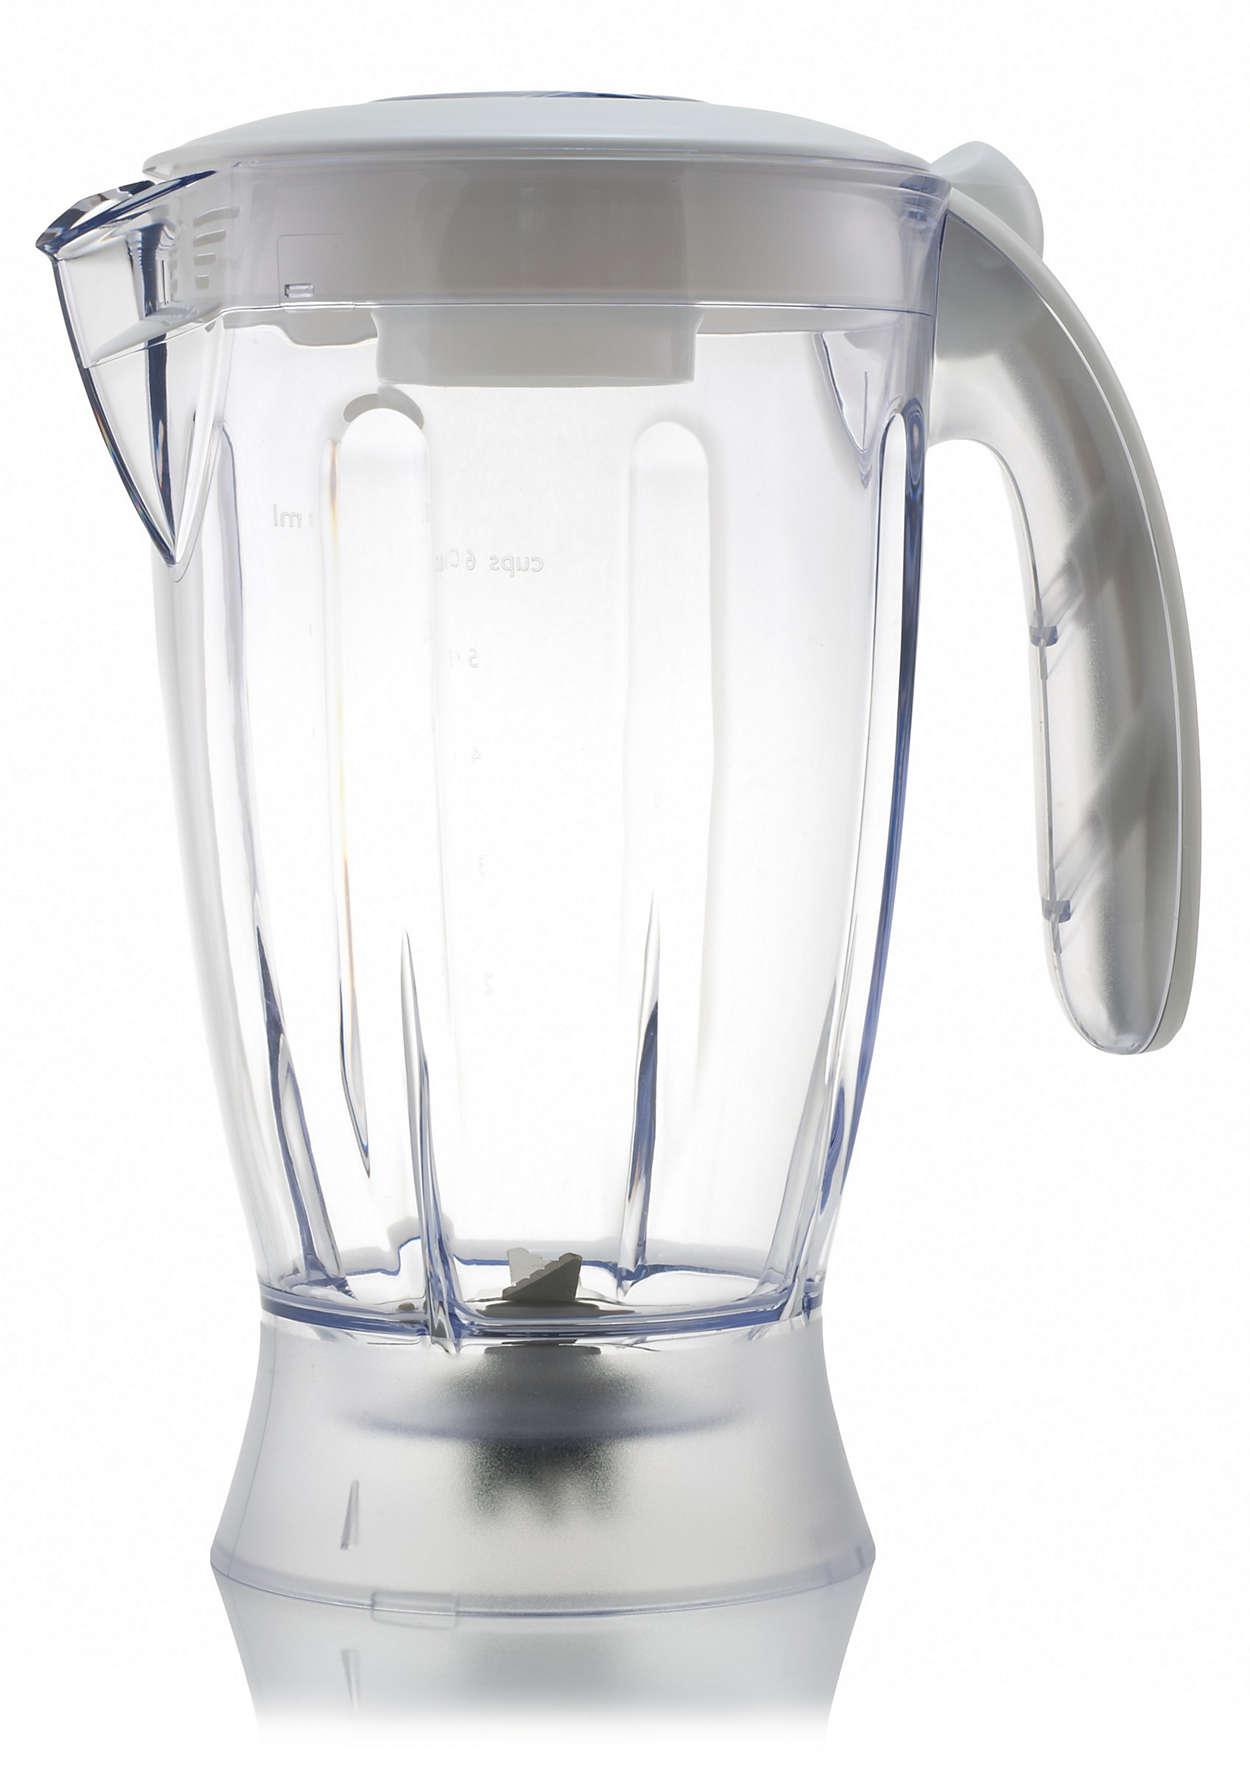 Mixerbägare till din matberedare